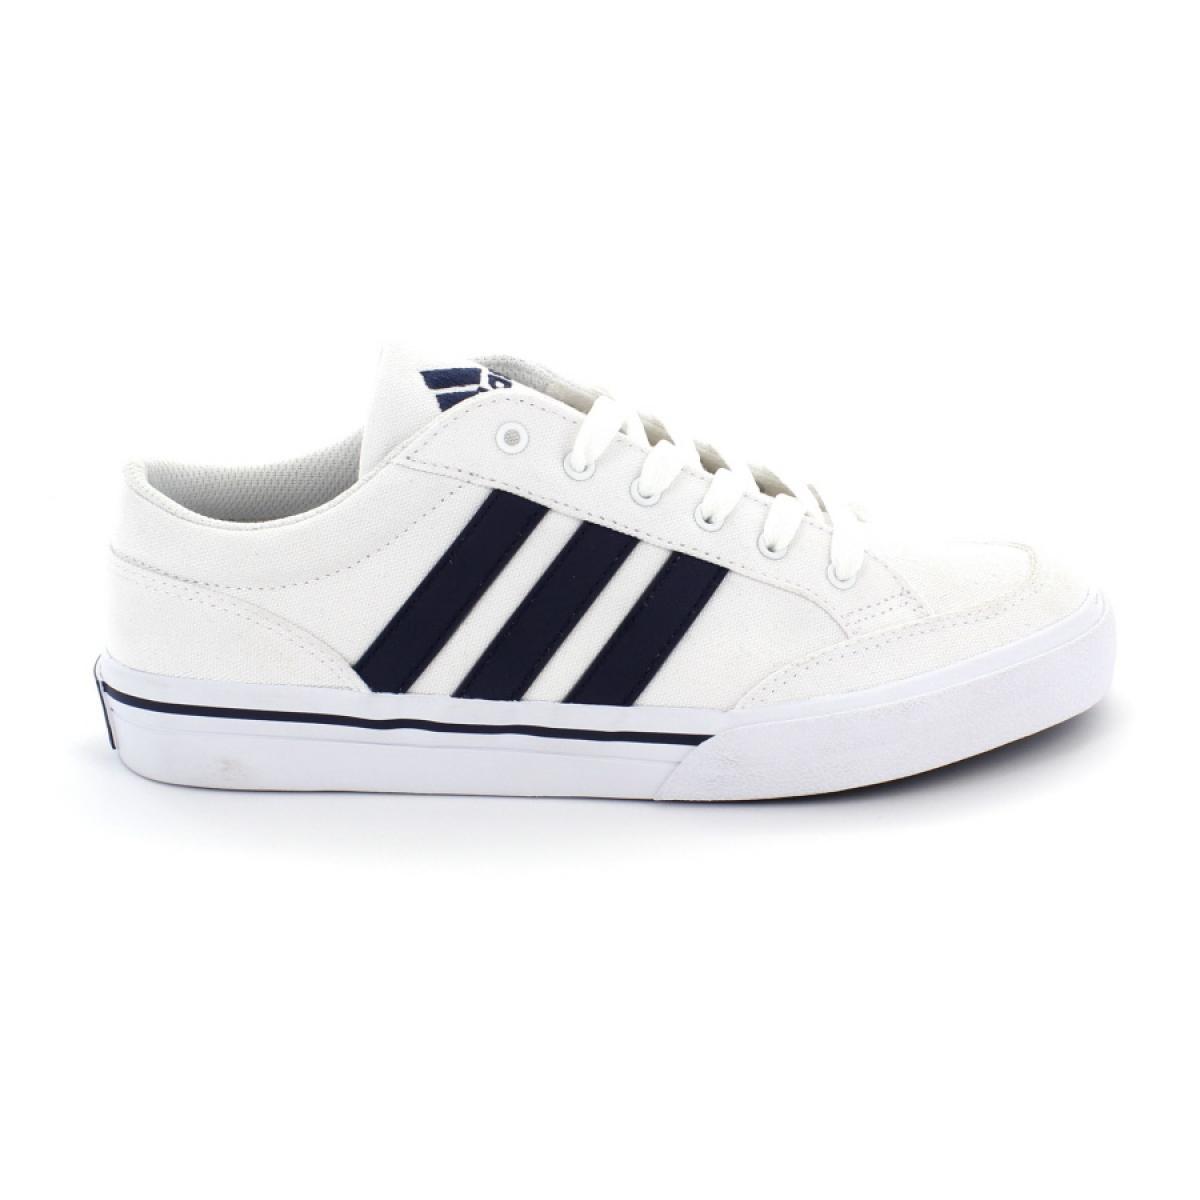 Para De Damas Modelos Adidas Zapatos CBroeWdxQ